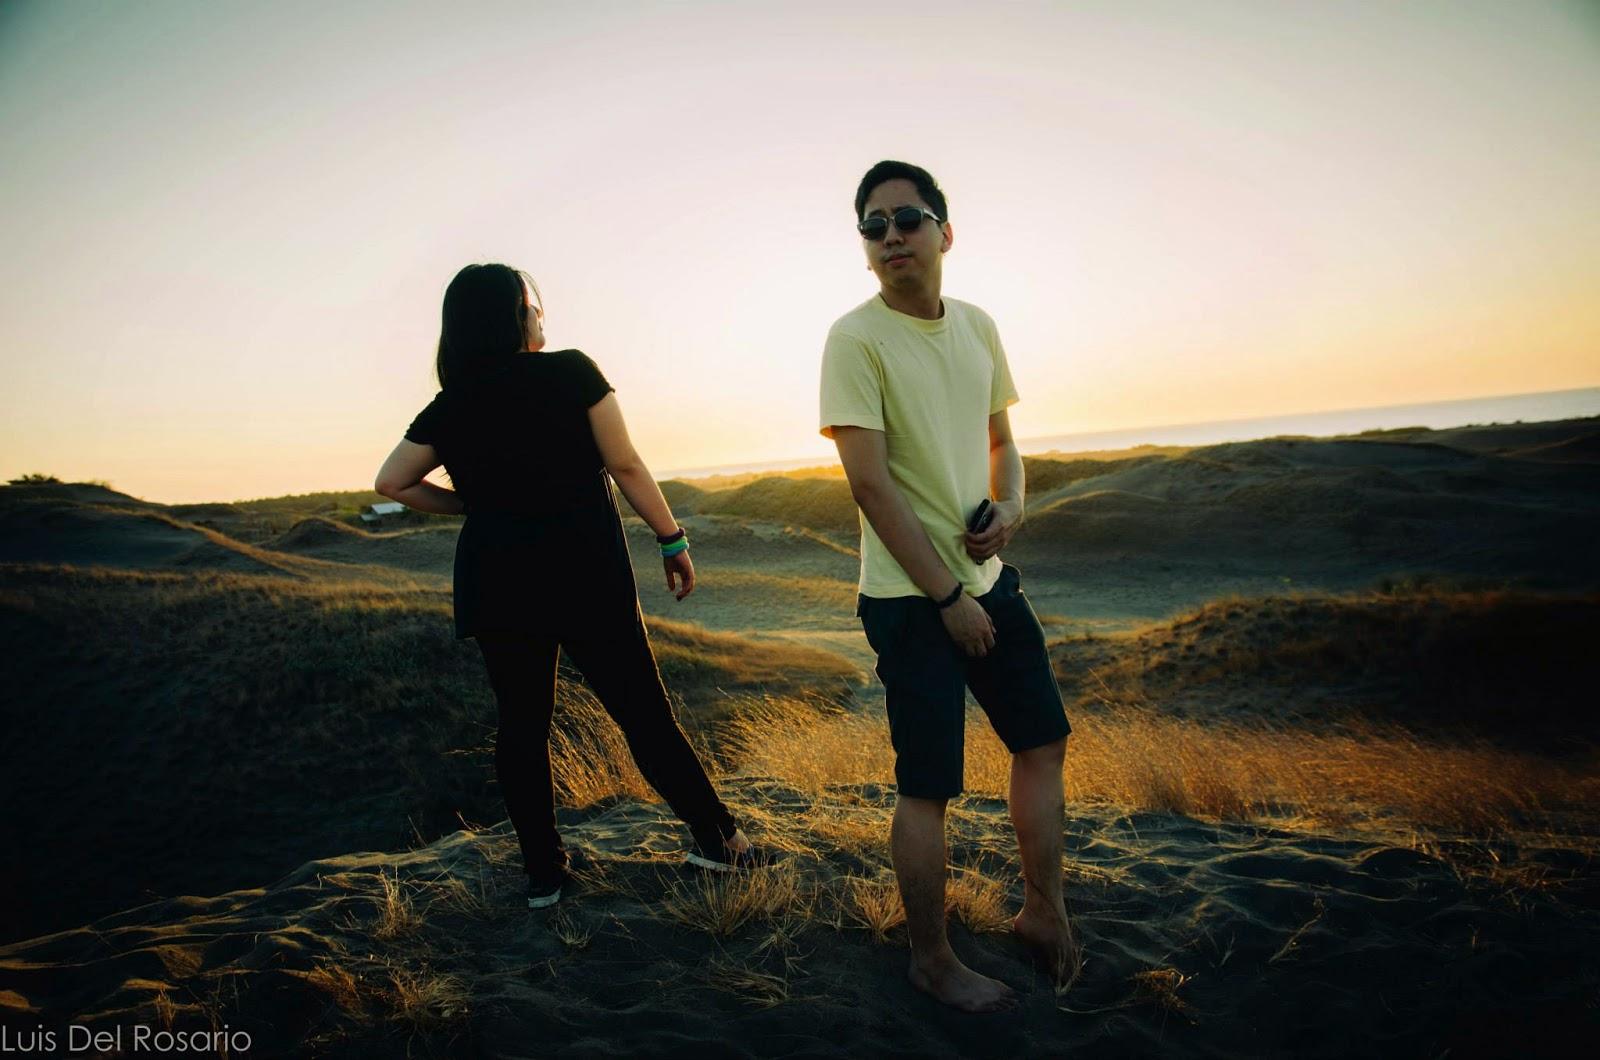 Sand Dunes, Paoay, Ilocos Norte